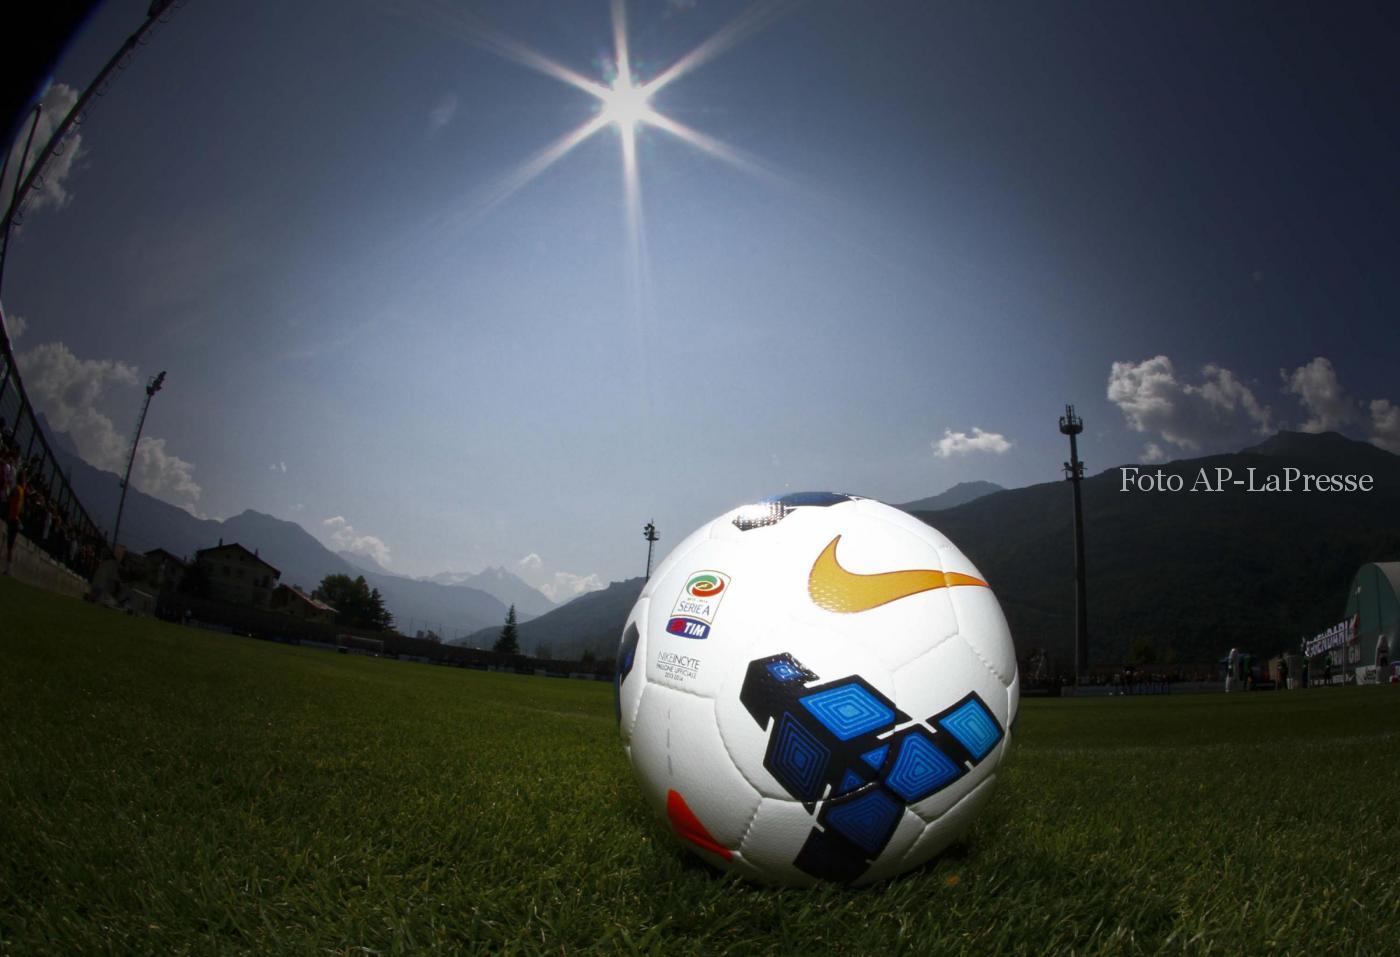 Youth League 23 ottobre: si giocano le gare della terza giornata della fase a gironi della Champions League giovanile. In campo 2 italiane.